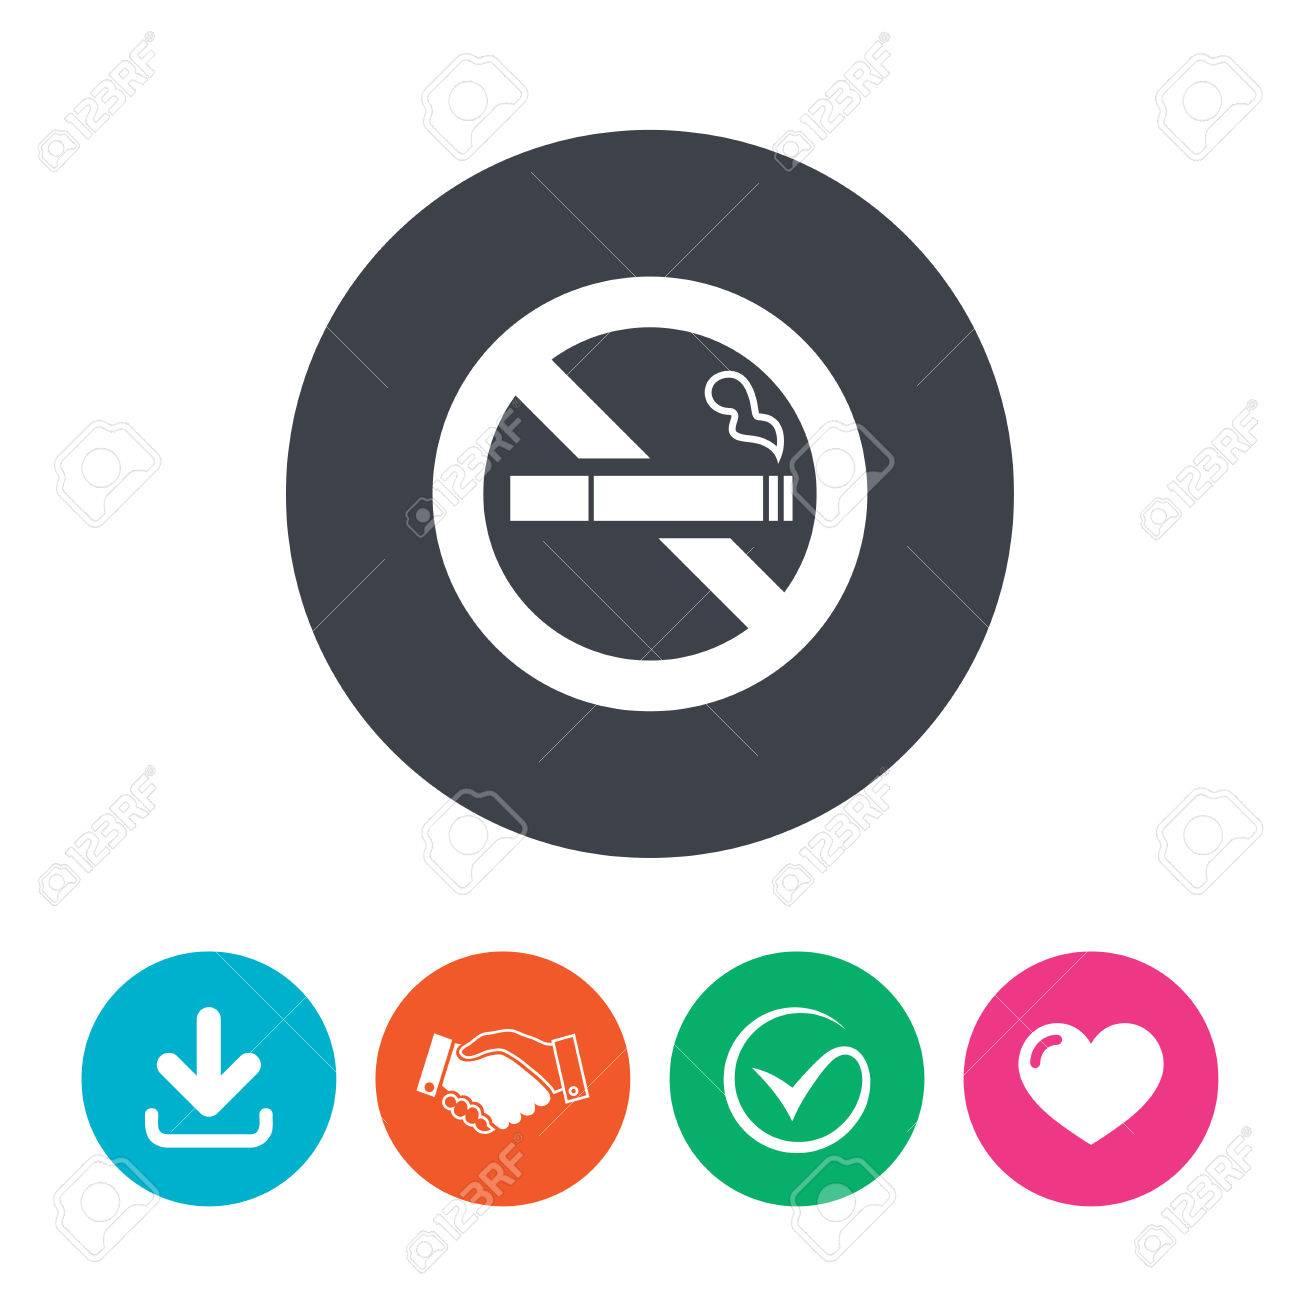 Quit smoking stock image. Image of smoking, tobacco, cigarette.